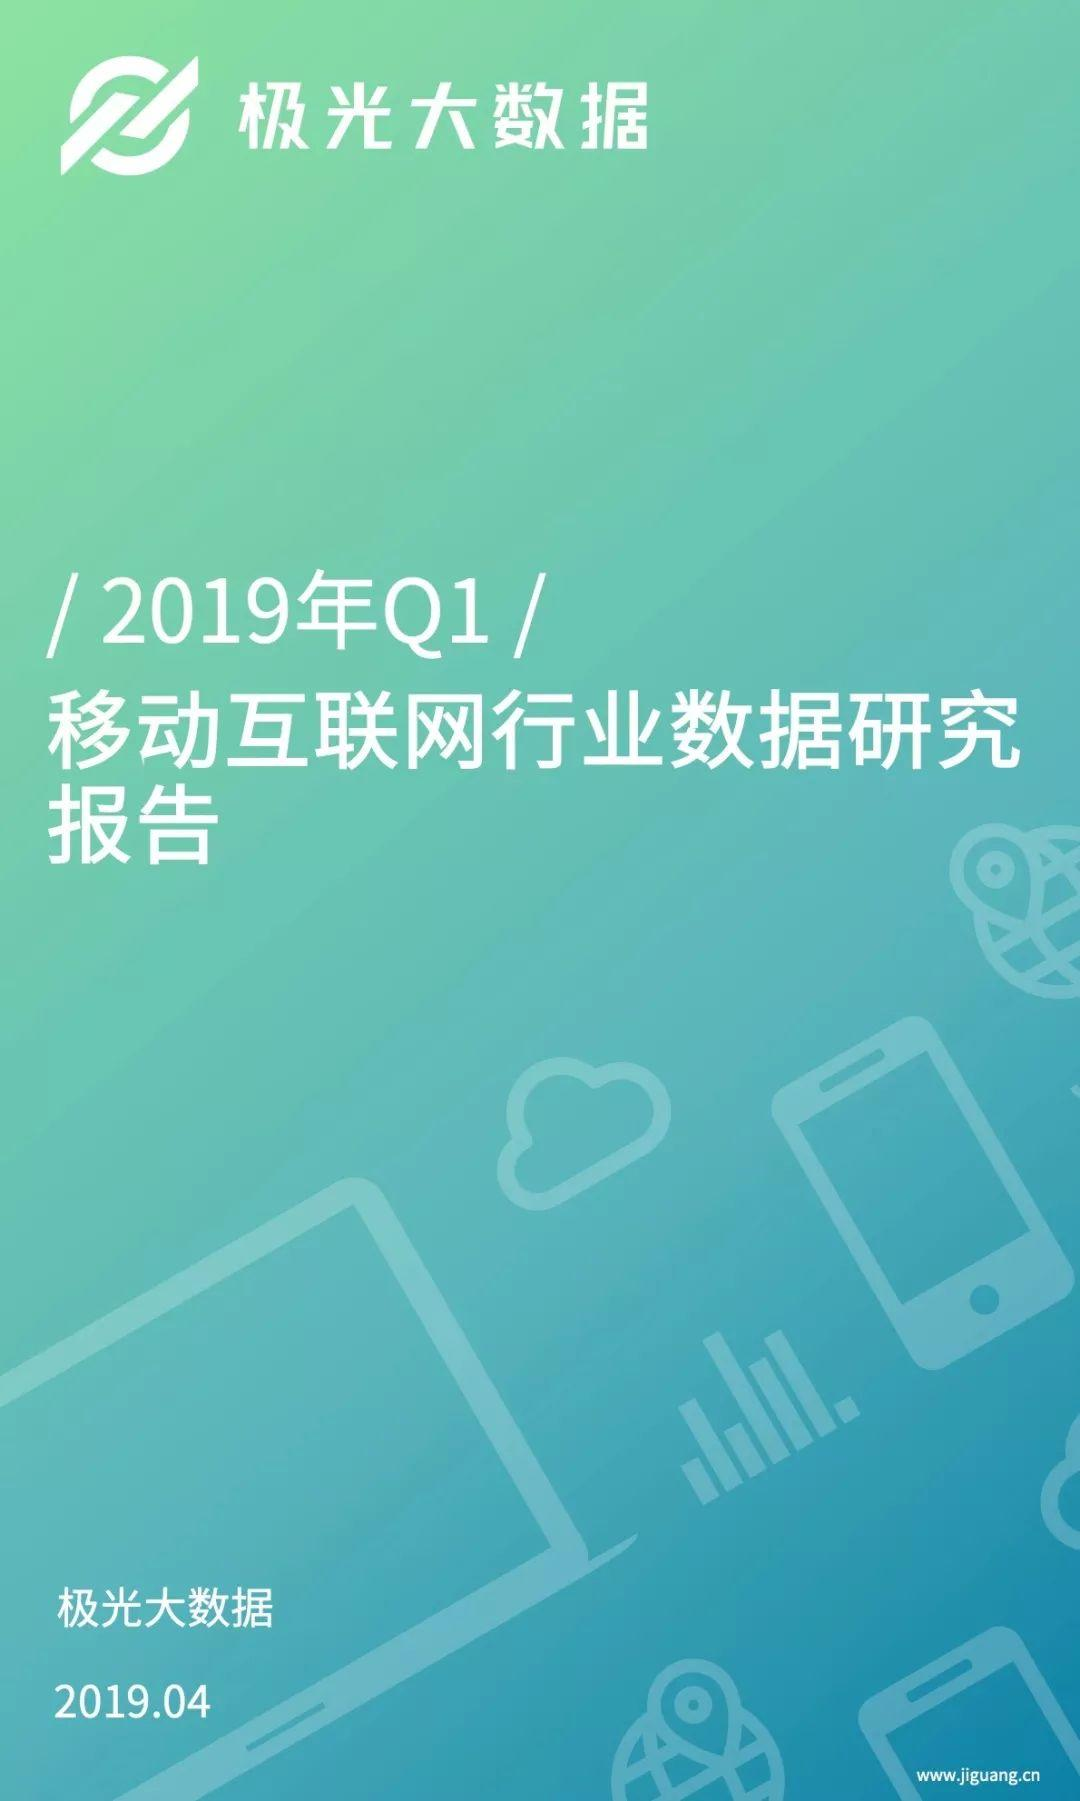 极光大数据:2019年Q1移动互联网行业数据研究报告